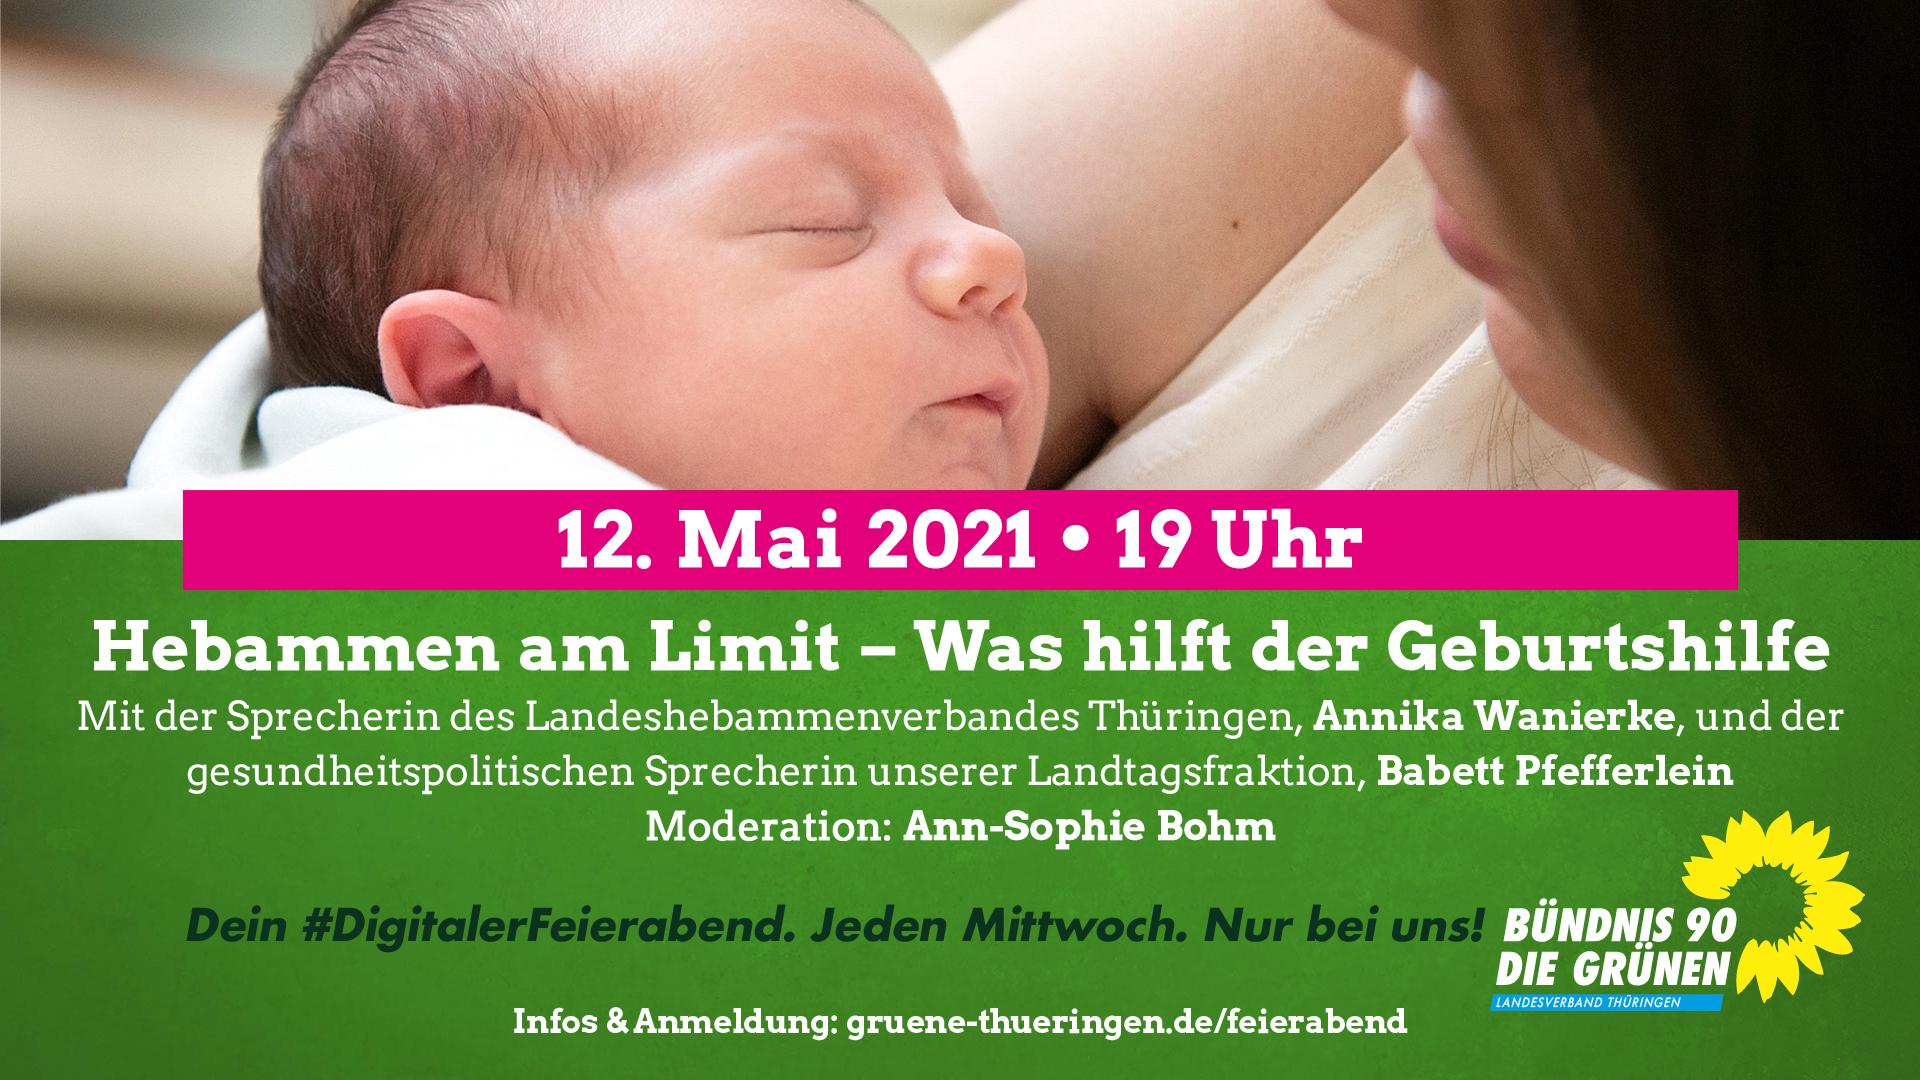 Hebammen am Limit – Was hilft der Geburtshilfe?